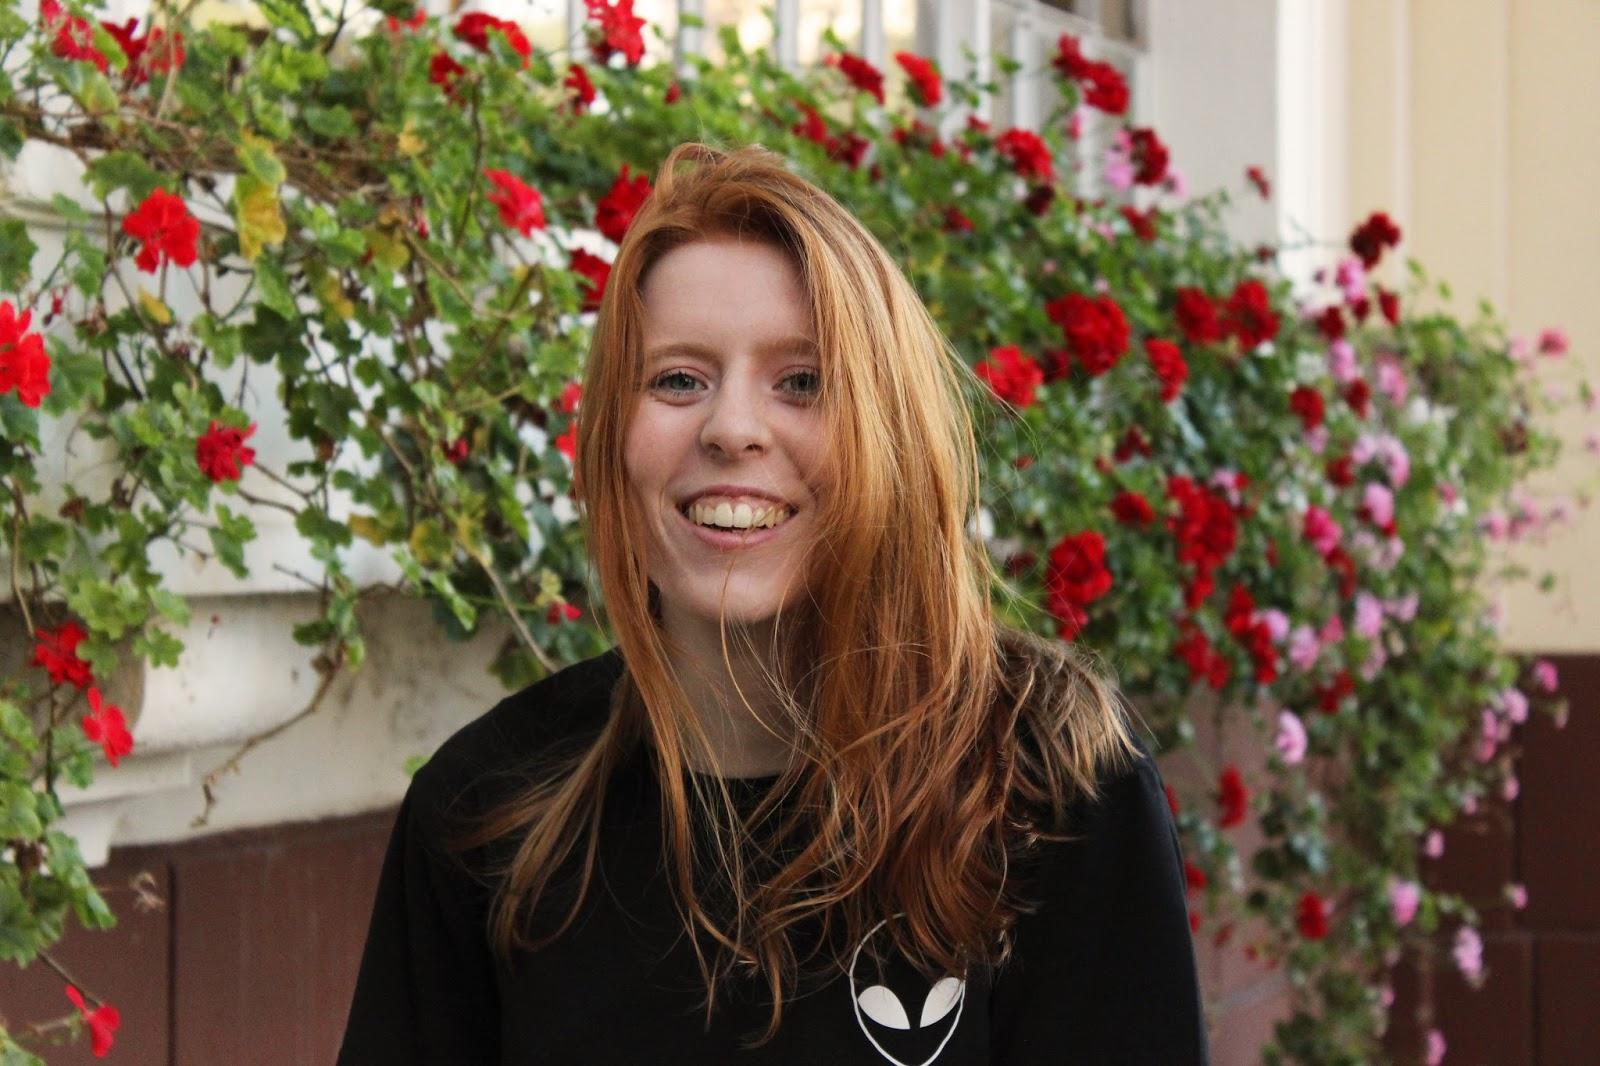 Betânia Duarte sorrindo